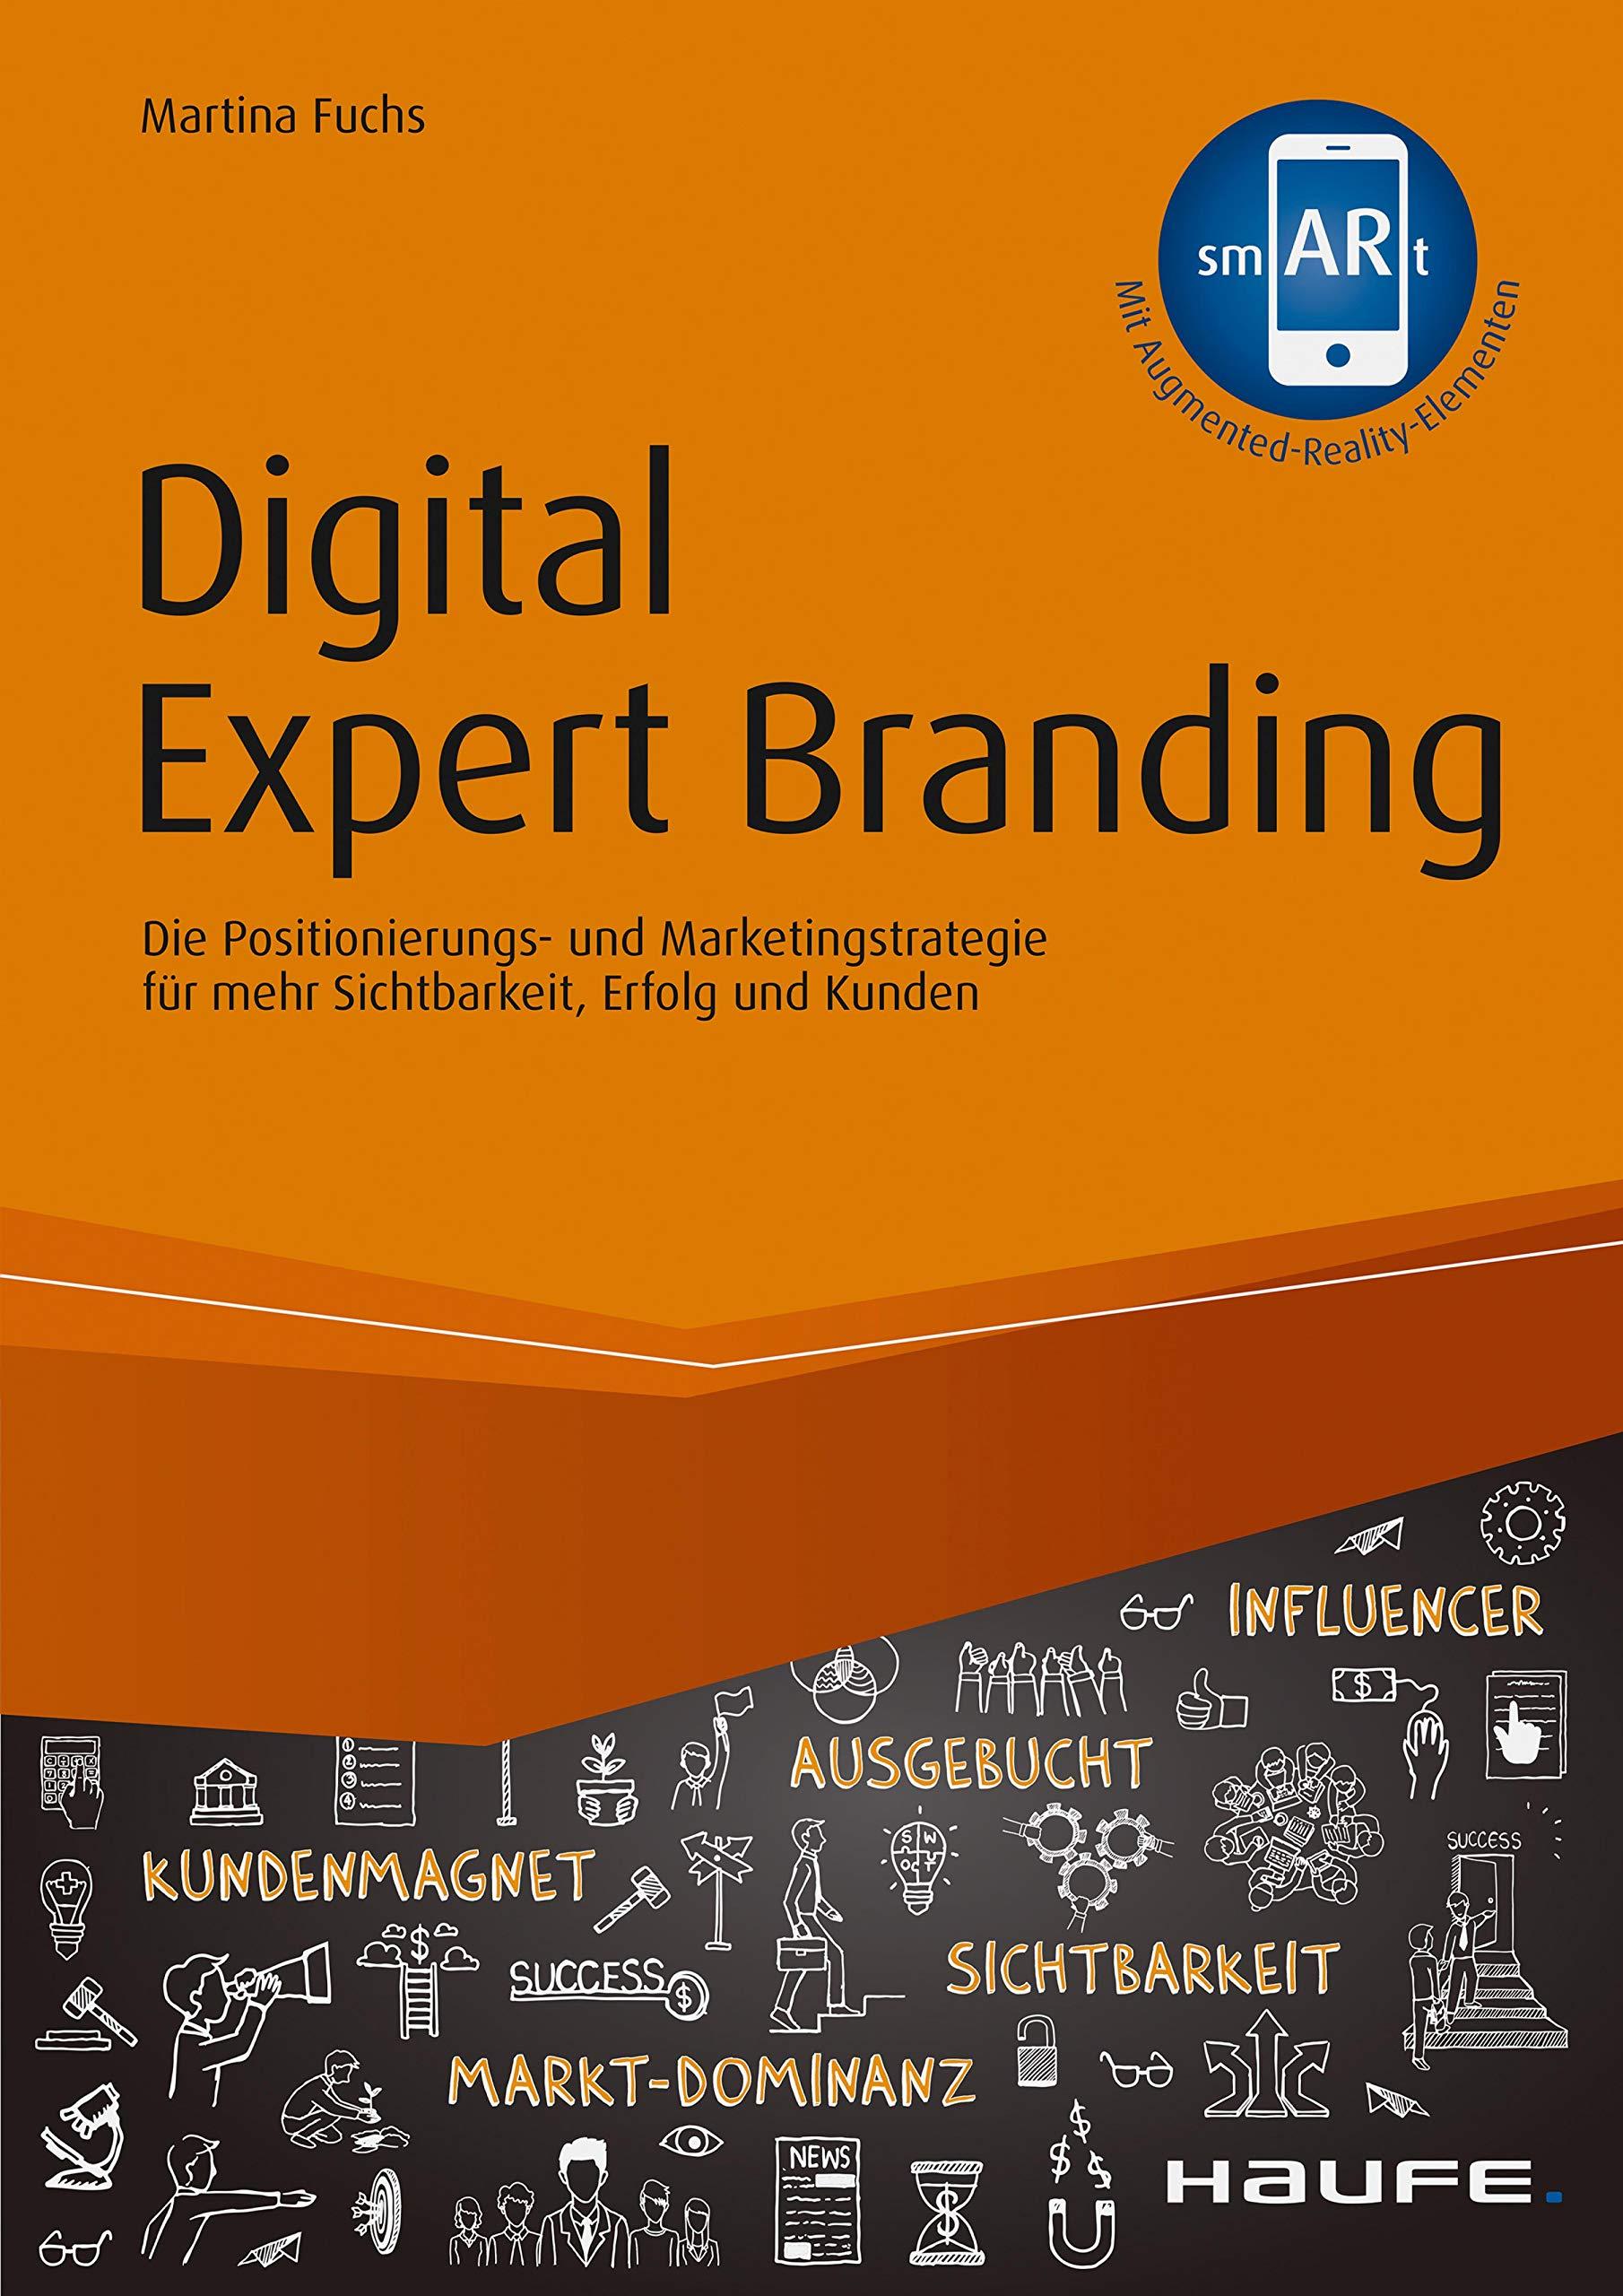 Digital Expert Branding   Inkl. Augmented Reality App  Die Positionierungs  Und Marketingstrategie Für Mehr Sichtbarkeit Erfolg Und Kunden  Haufe Fachbuch 10438